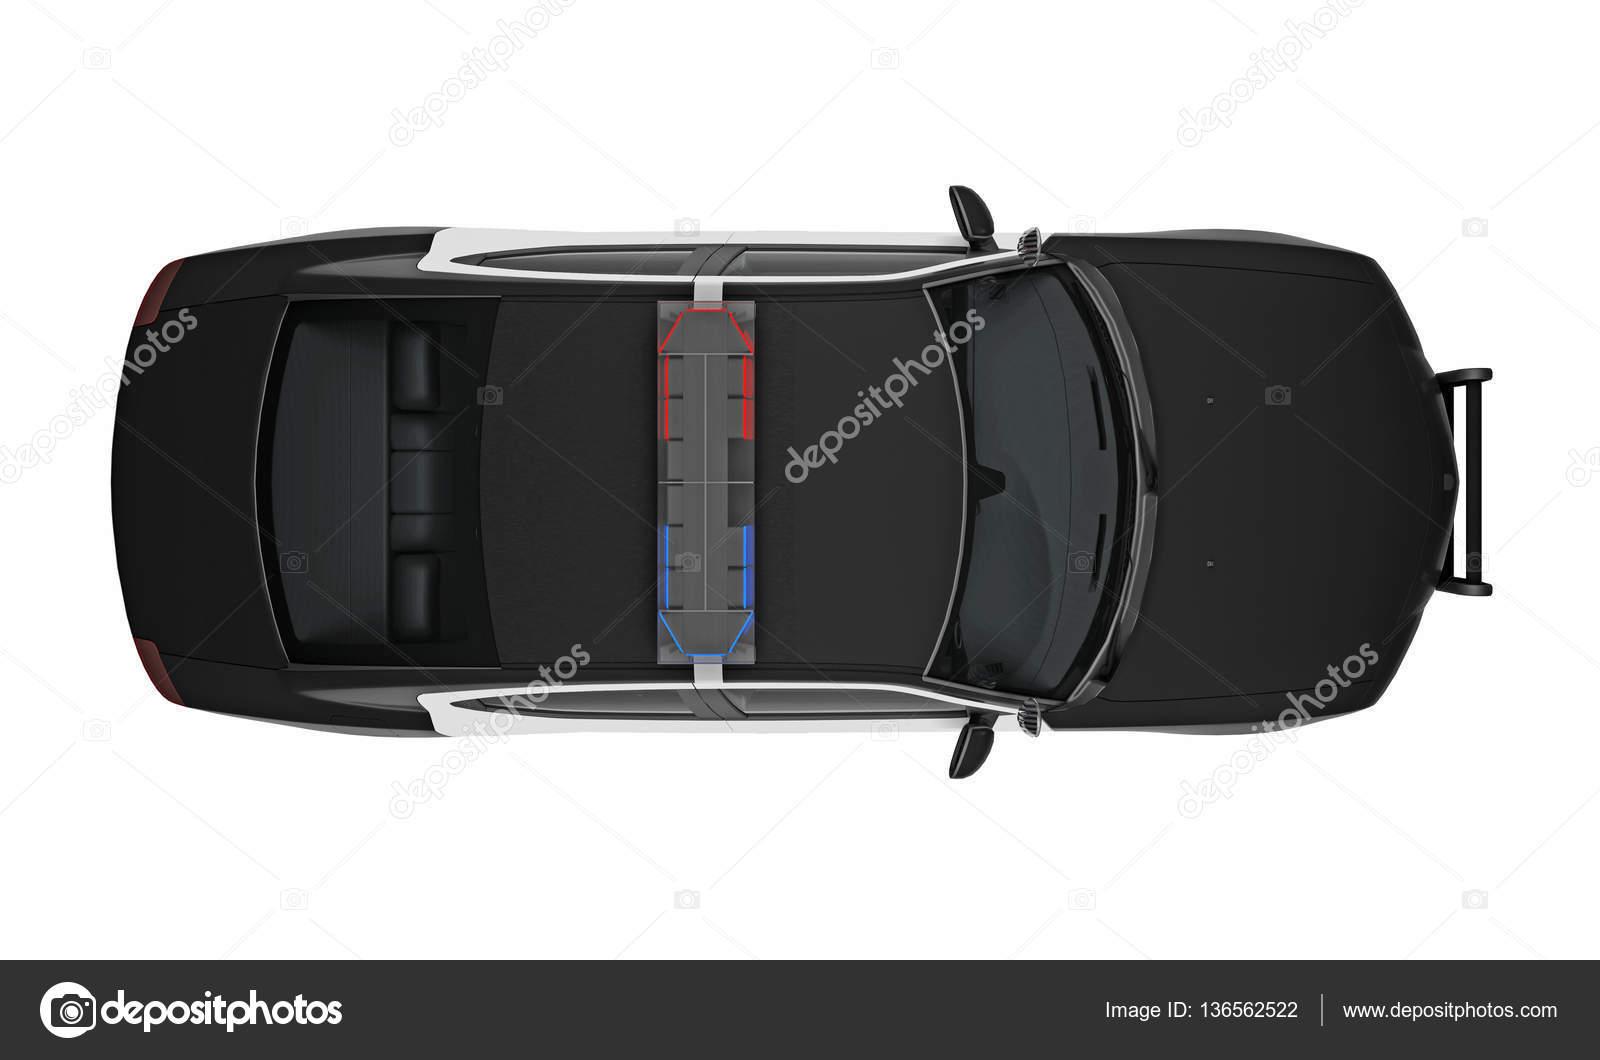 Vue de dessus de voiture de police 3d rendering photographie petrovv 136562522 - Voiture vue de haut ...